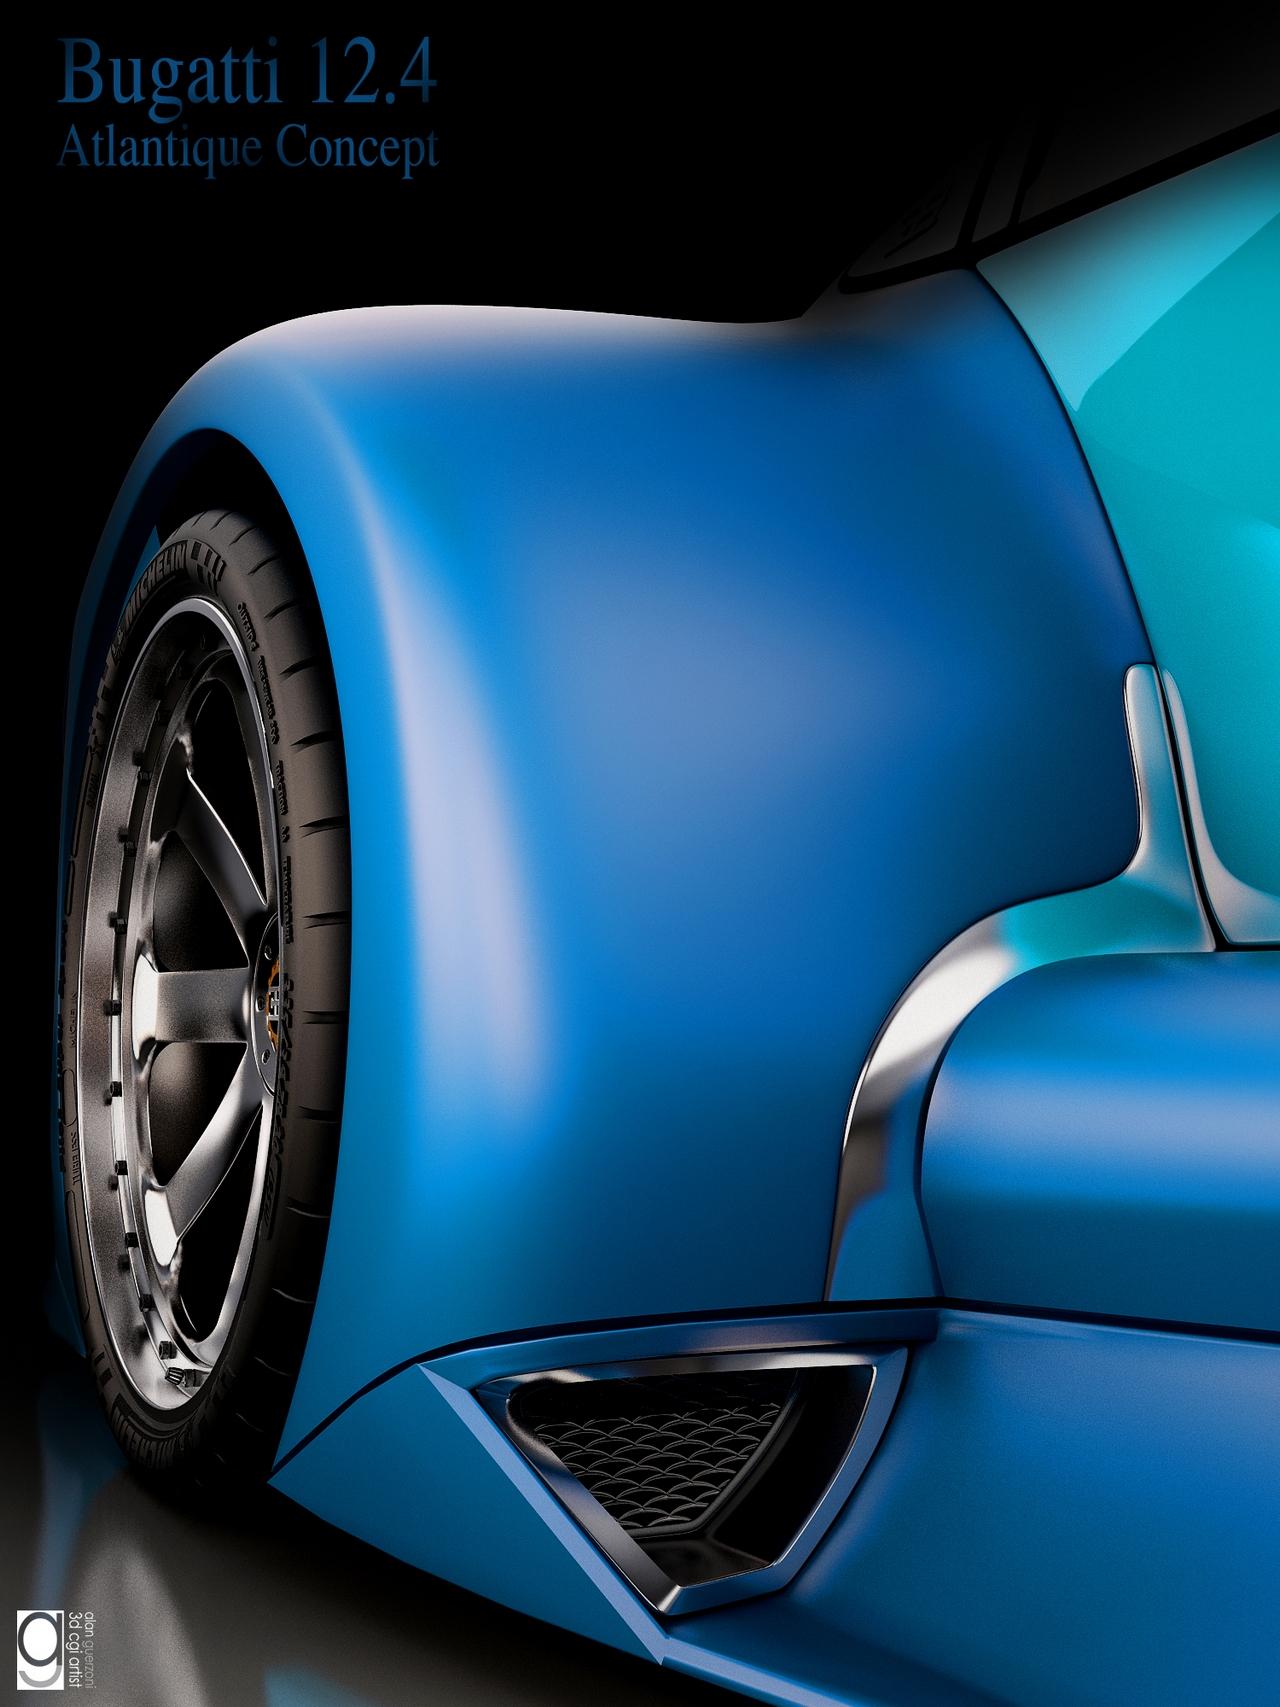 Bugatti 12.4 Atlantique Concept by Alan Guerzoni _160-100